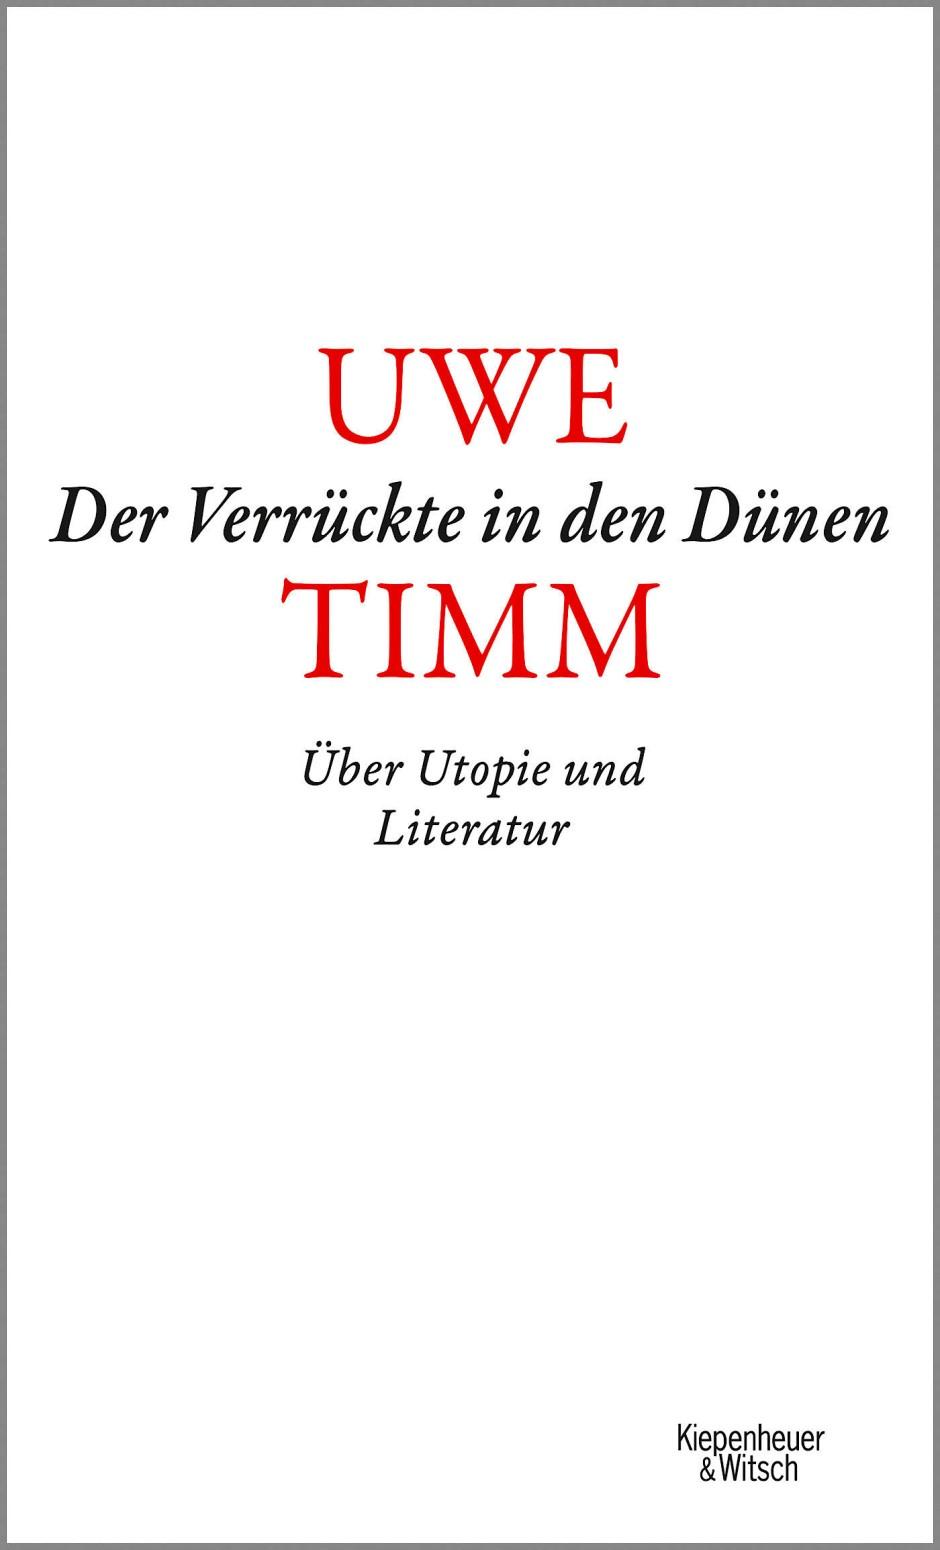 """Uwe Timm: """"Der Verrückte in den Dünen"""". Über Utopie und Literatur. Verlag Kiepenheuer & Witsch, Köln 2020. 256 S., geb., 20,– €."""